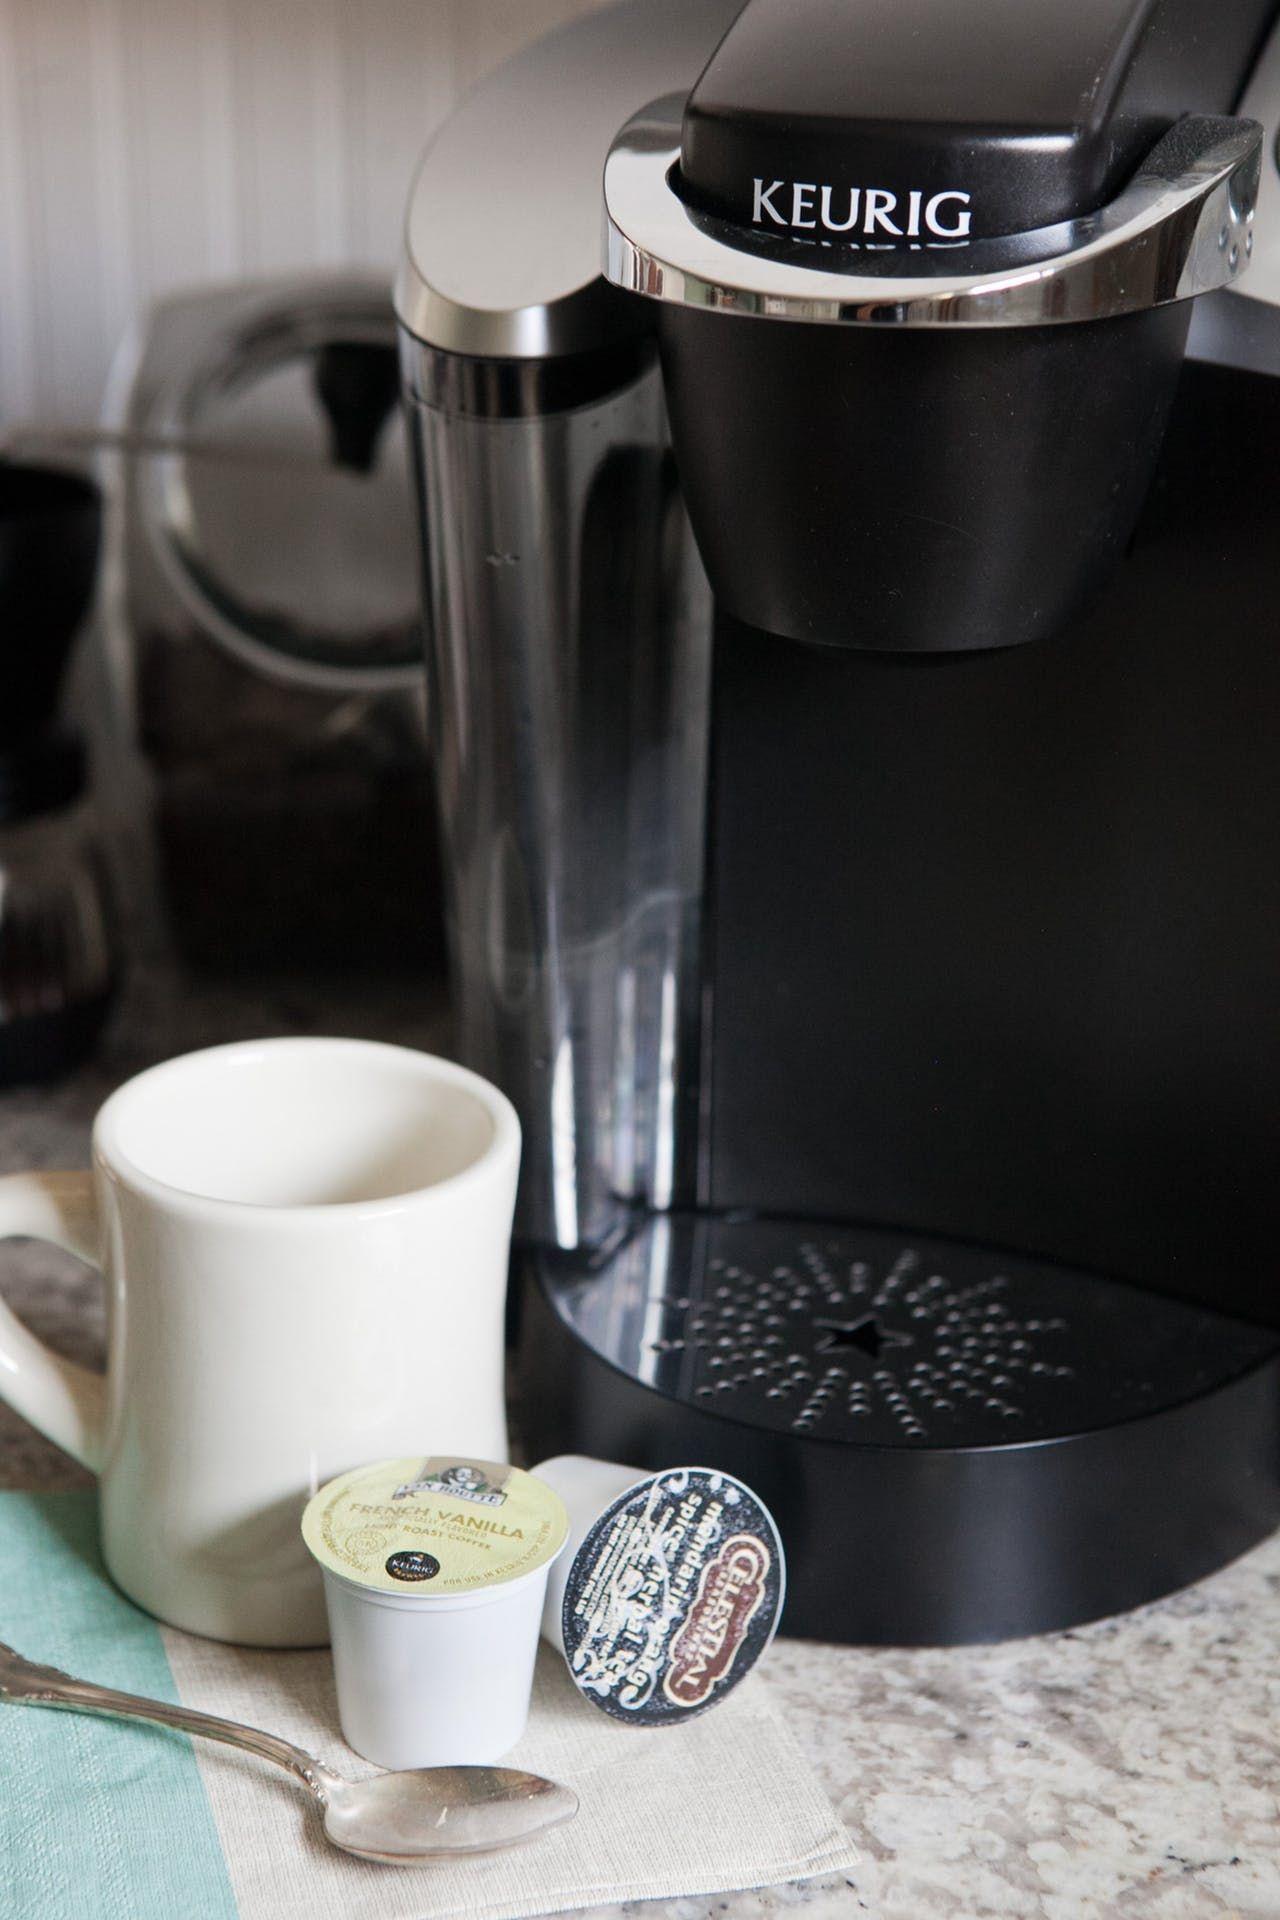 How to clean a keurig coffee machine keurig pod coffee